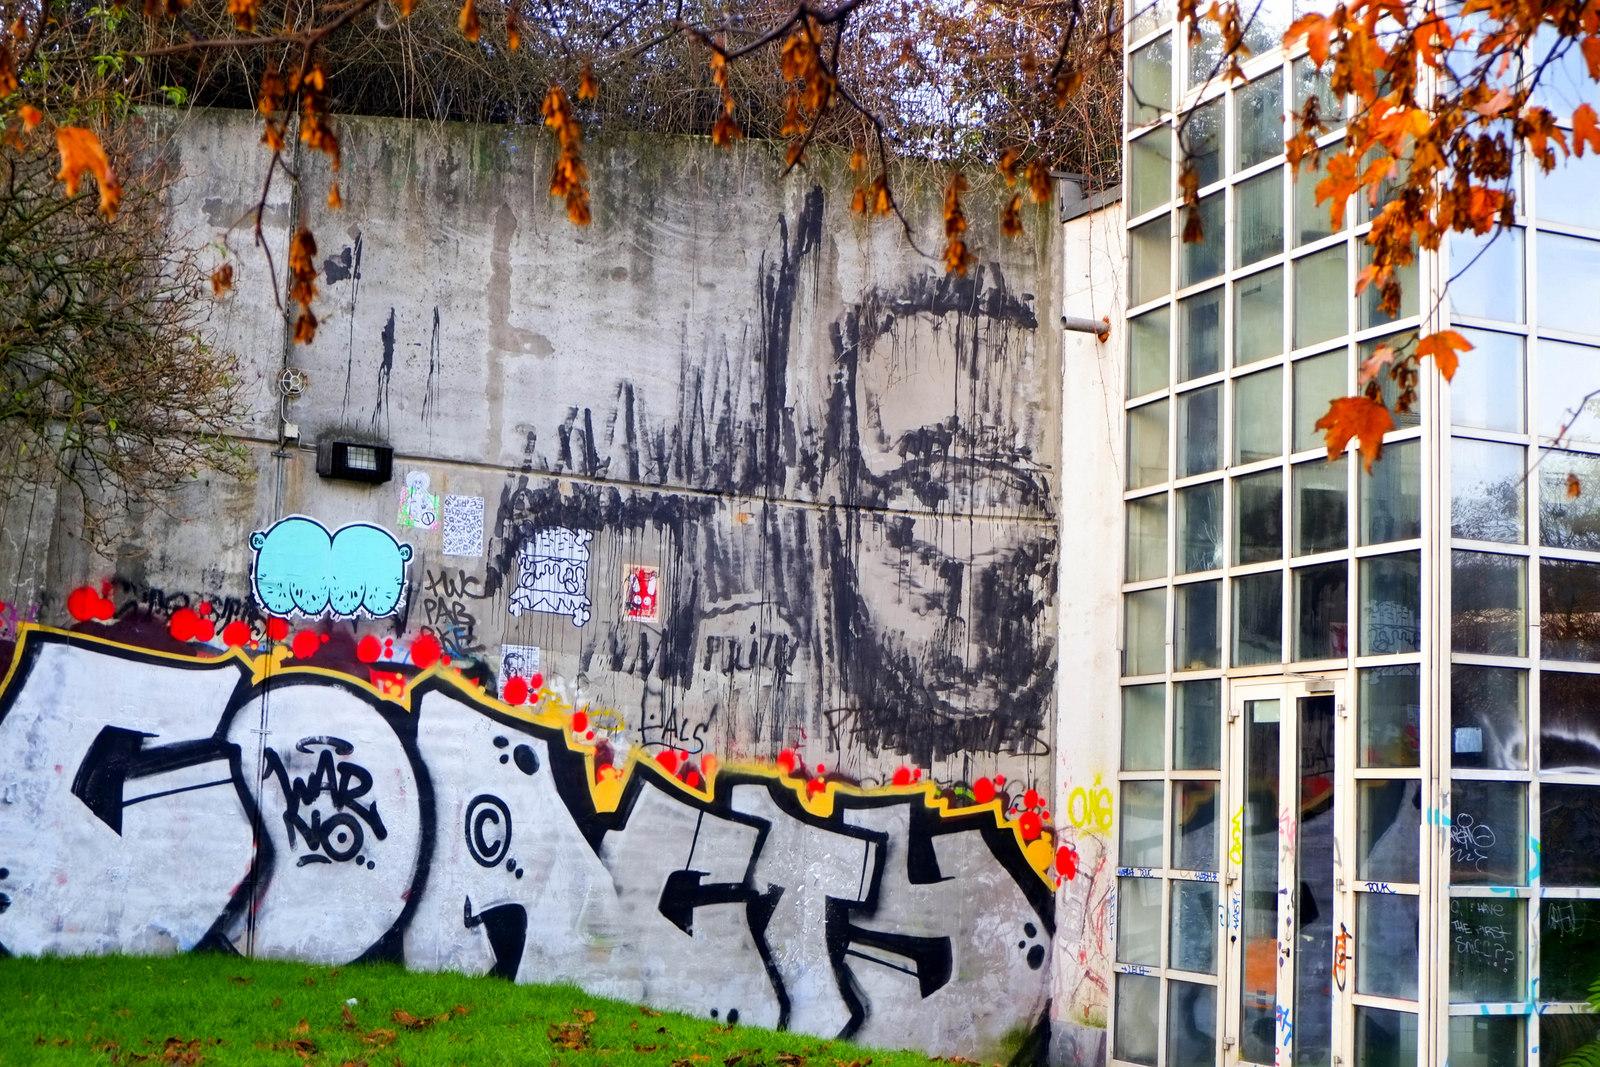 berlin street art pieces – #011 – november 2014